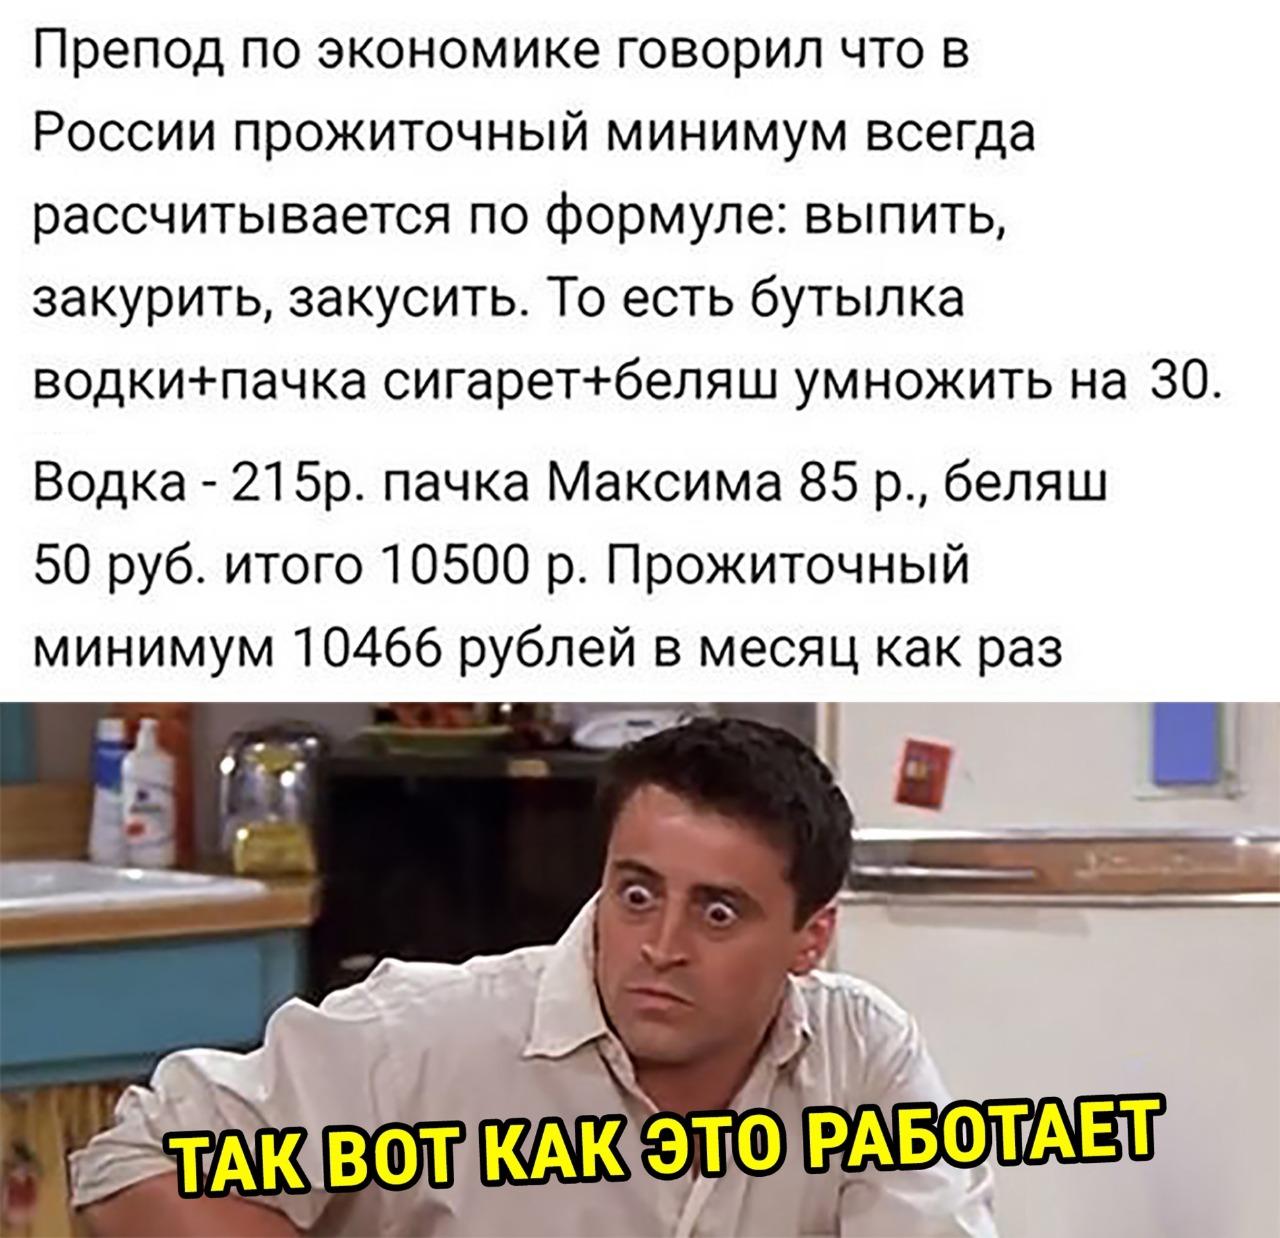 IMG-20190328-WA0003.jpg